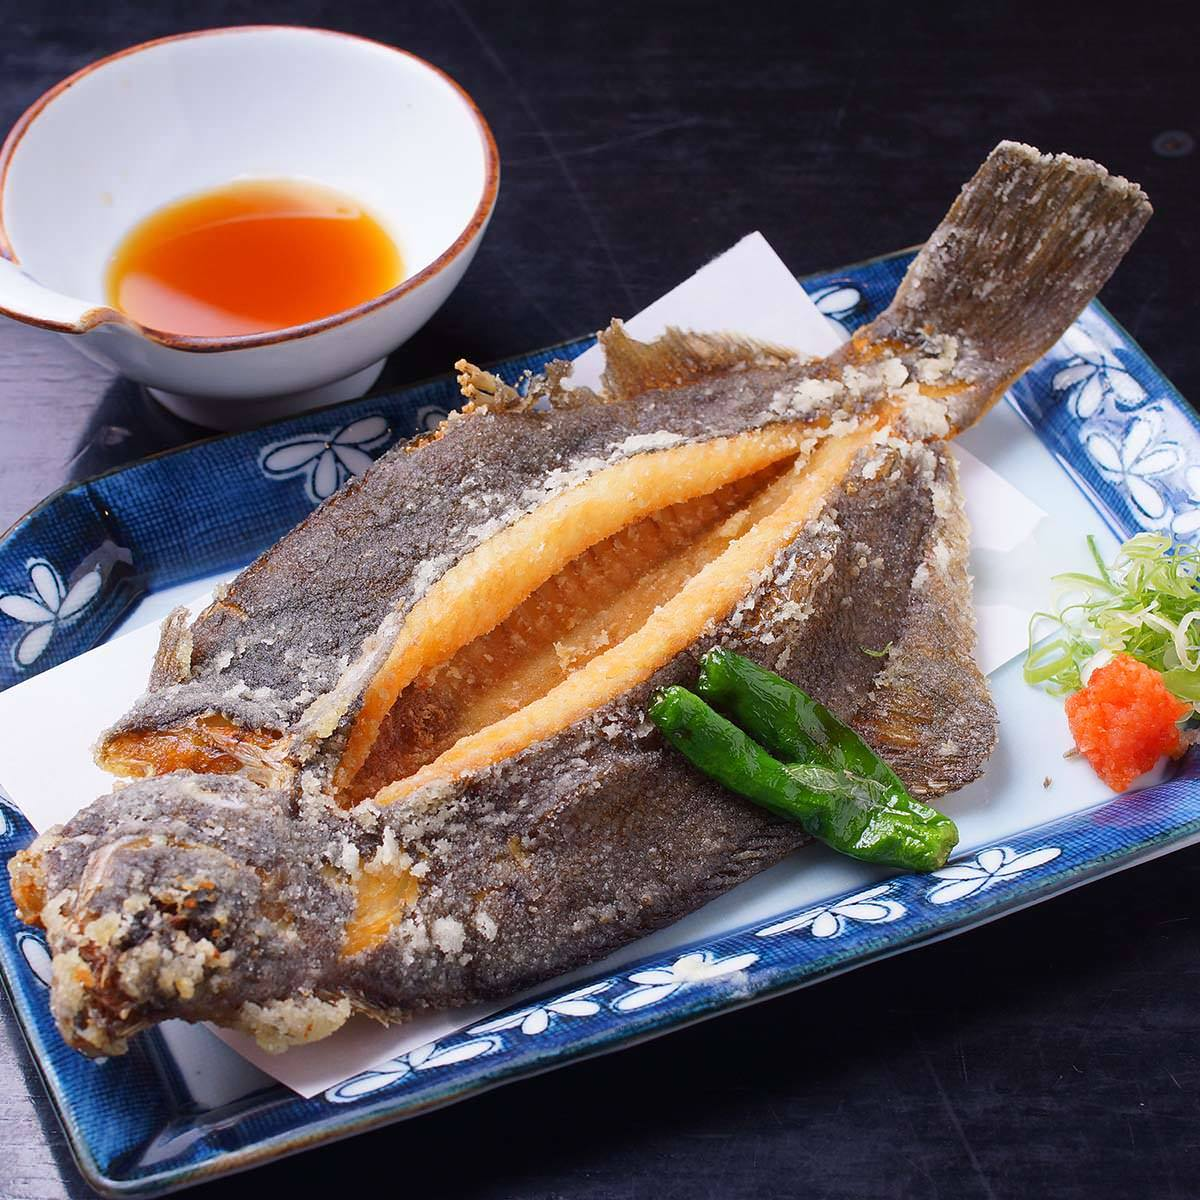 全国各地から仕入れた旬の鮮魚を様々な調理法でご提供いたします